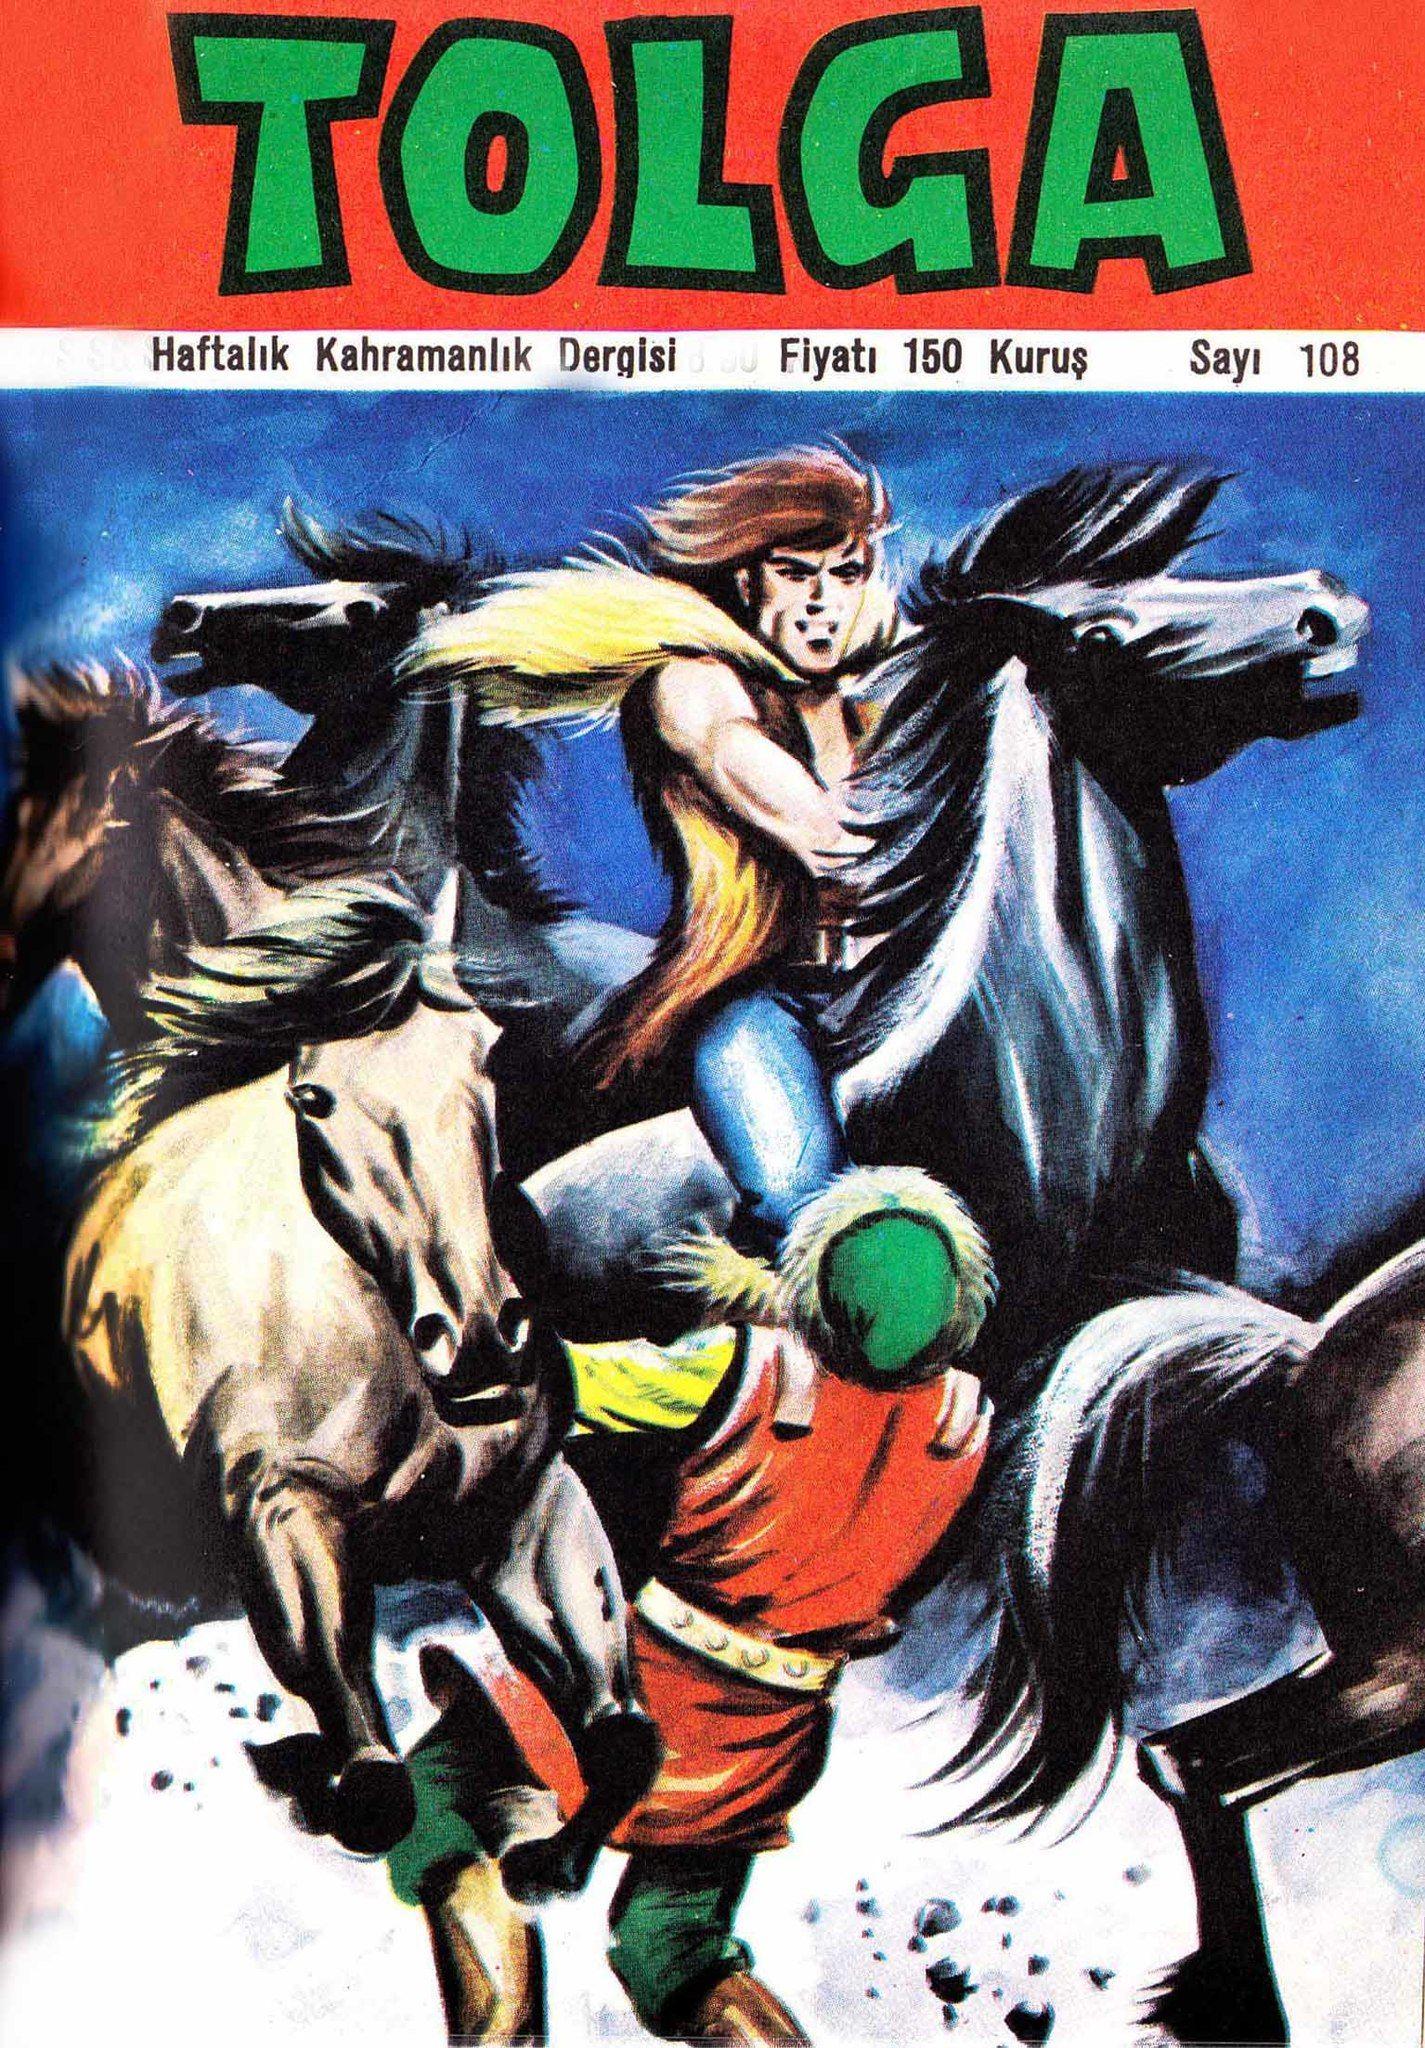 Tolga Haftalık Kahramanlık Dergisi Sayı 108 - Raca'nın Kızı - Çizgi Roman Diyarı